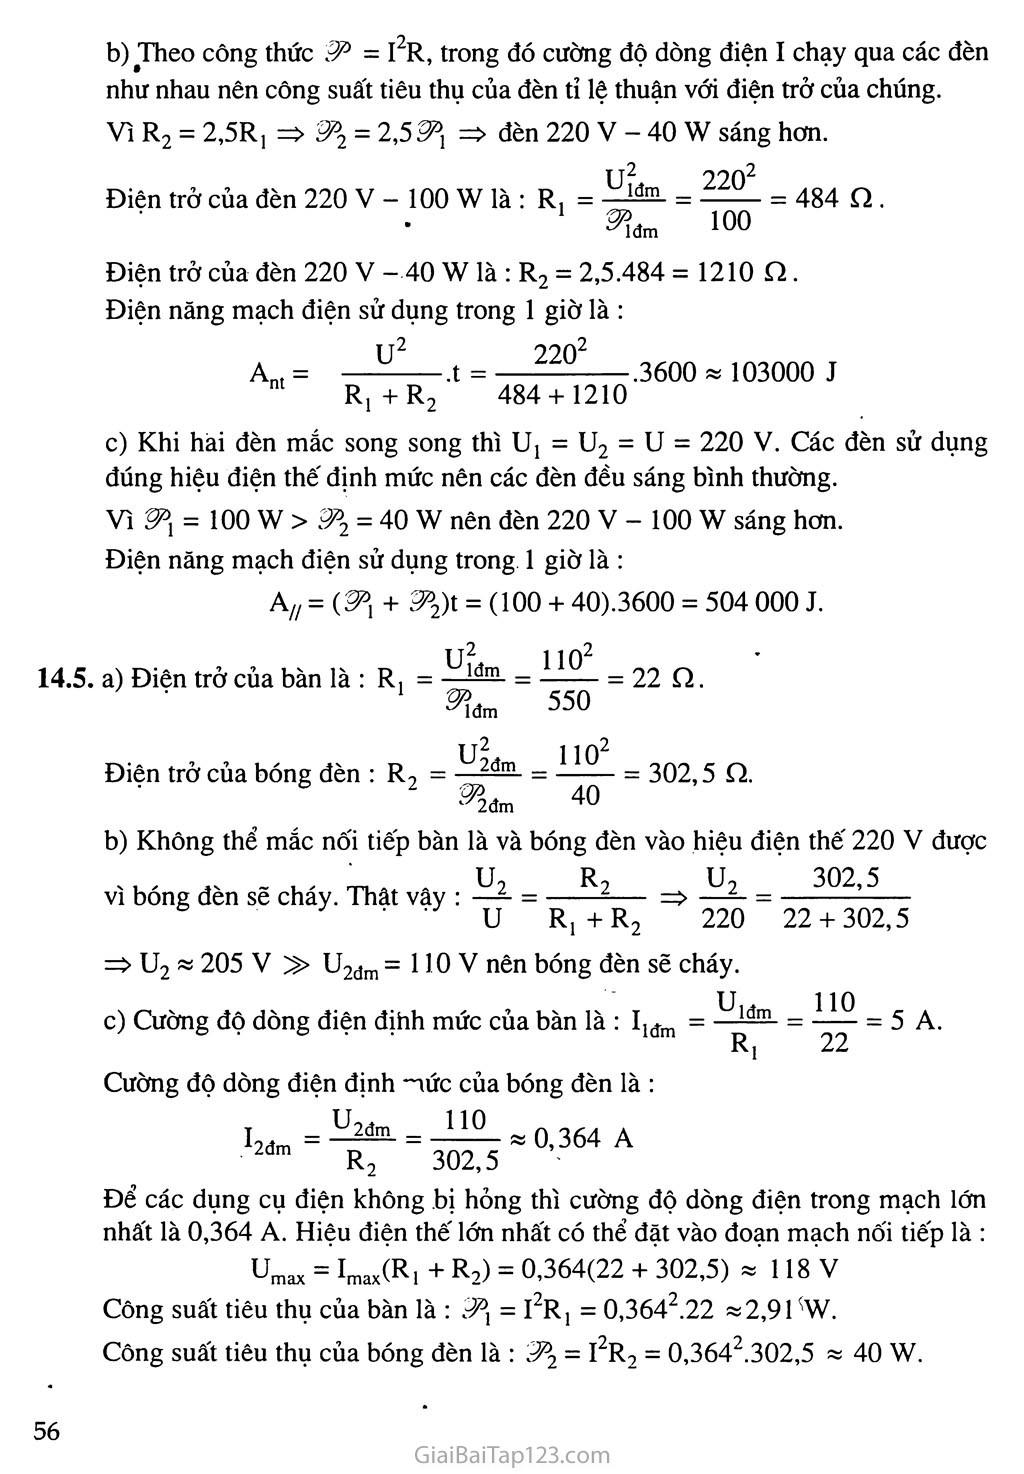 Bài 14: Bài tập về công suất điện và điện năng sử dụng trang 5